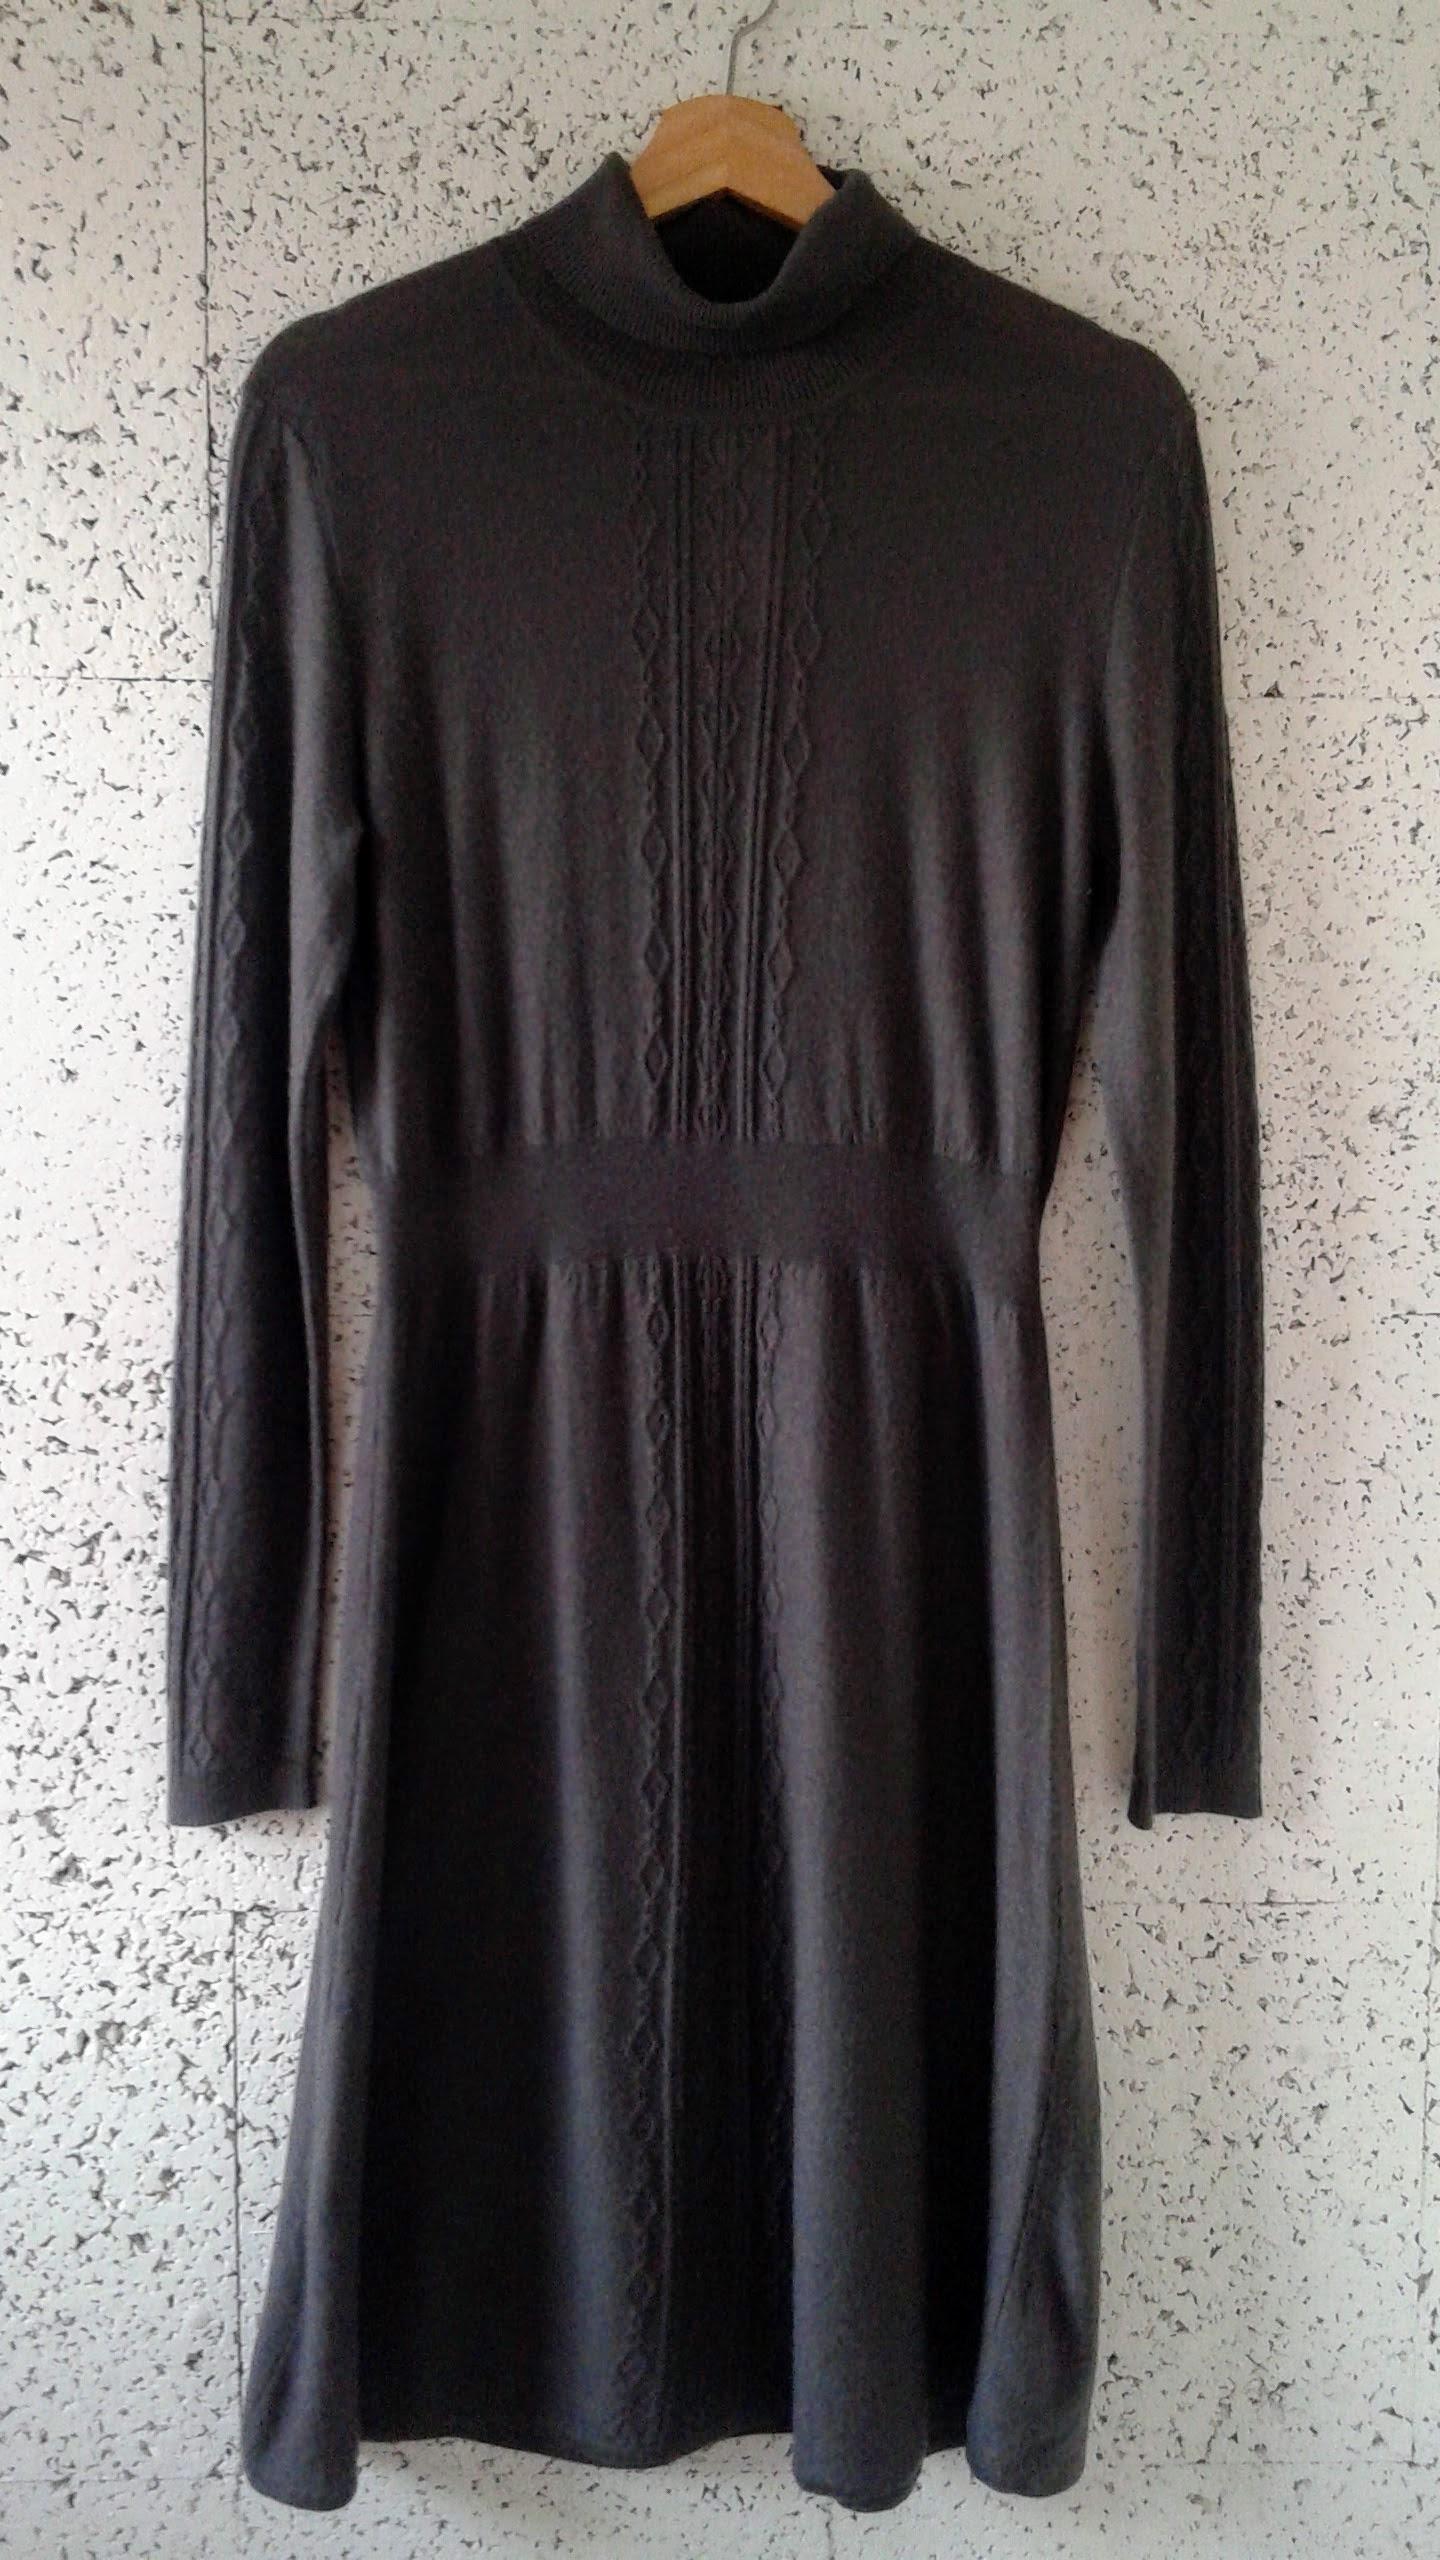 Autumn Cashmere  dress; Size M/L, $78